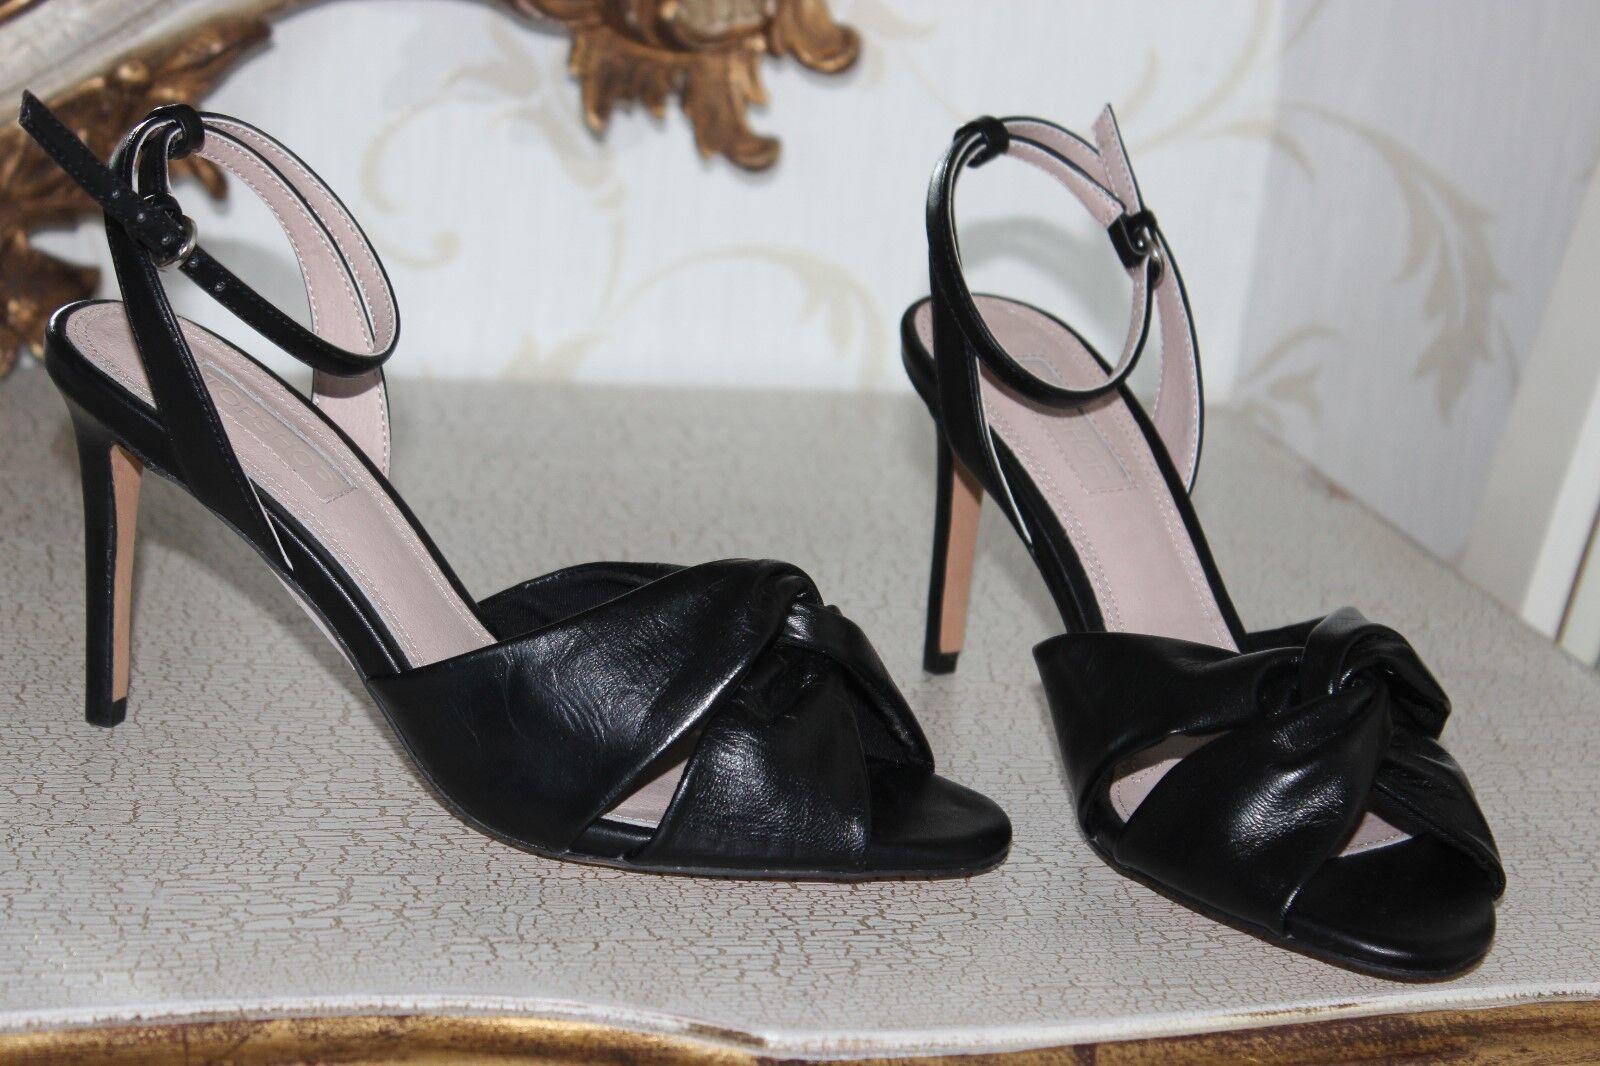 Topshop Negro Imitación Cuero Zapatos Sandalias de verano señoras tacones y Correa en el tobillo